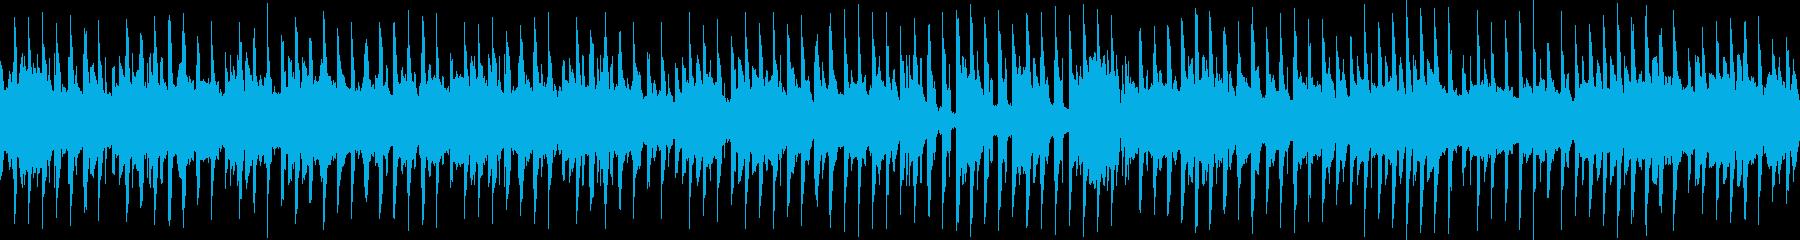 さわやかな琴のダンス調な和風音楽の再生済みの波形